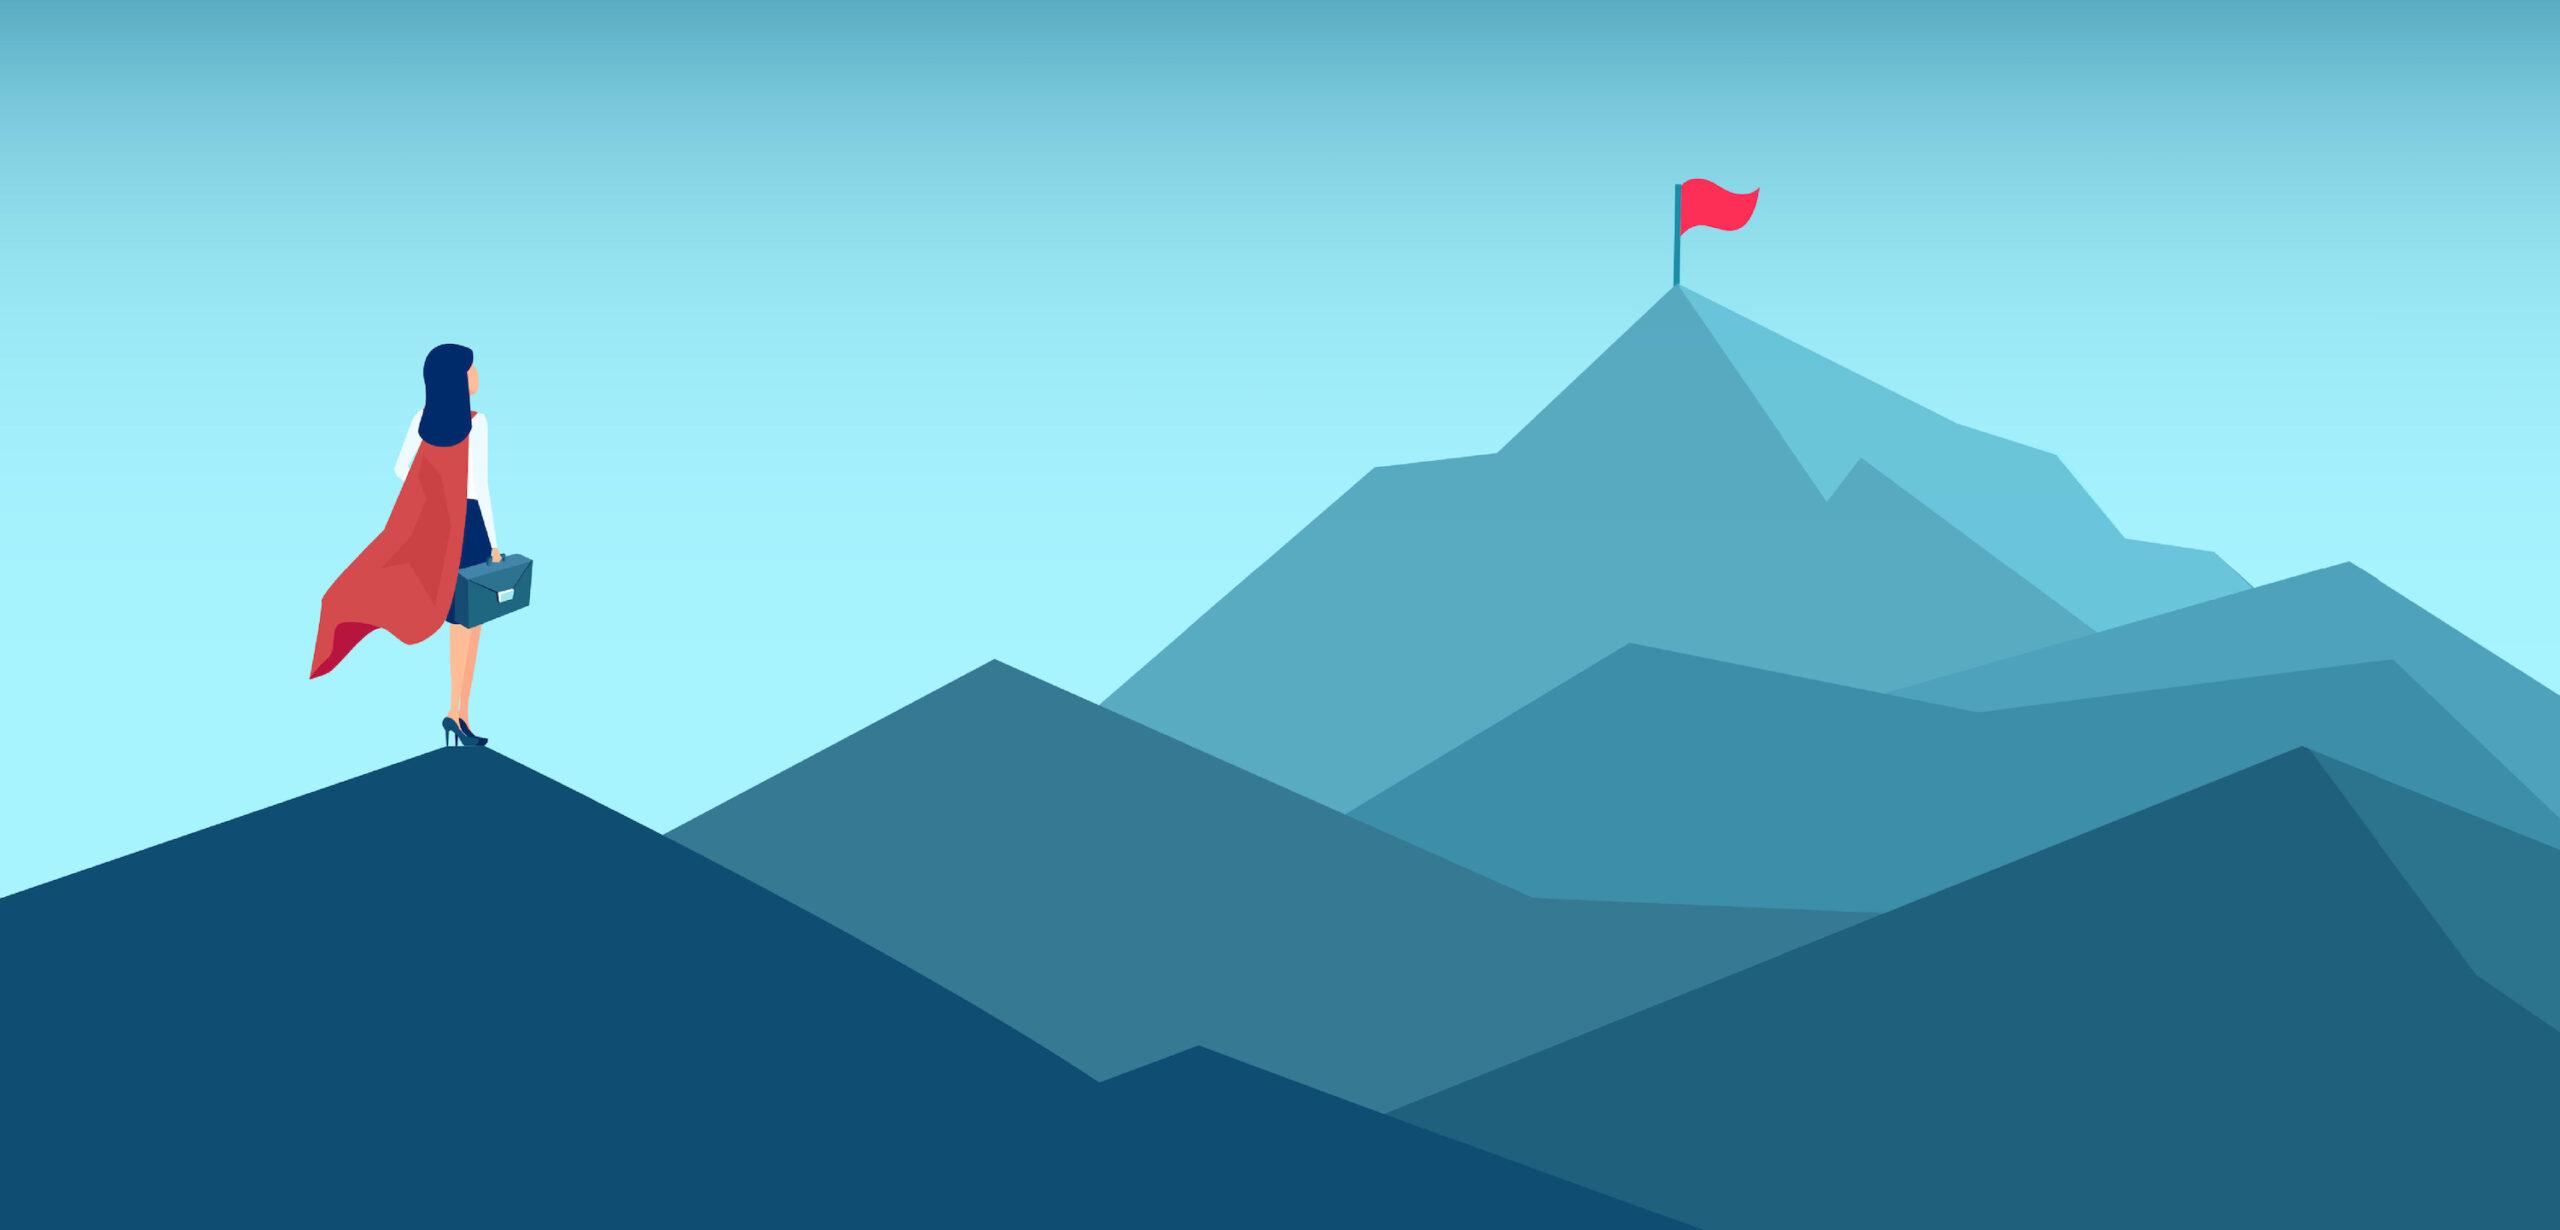 Frau auf Berg schaut auf Bergspitze